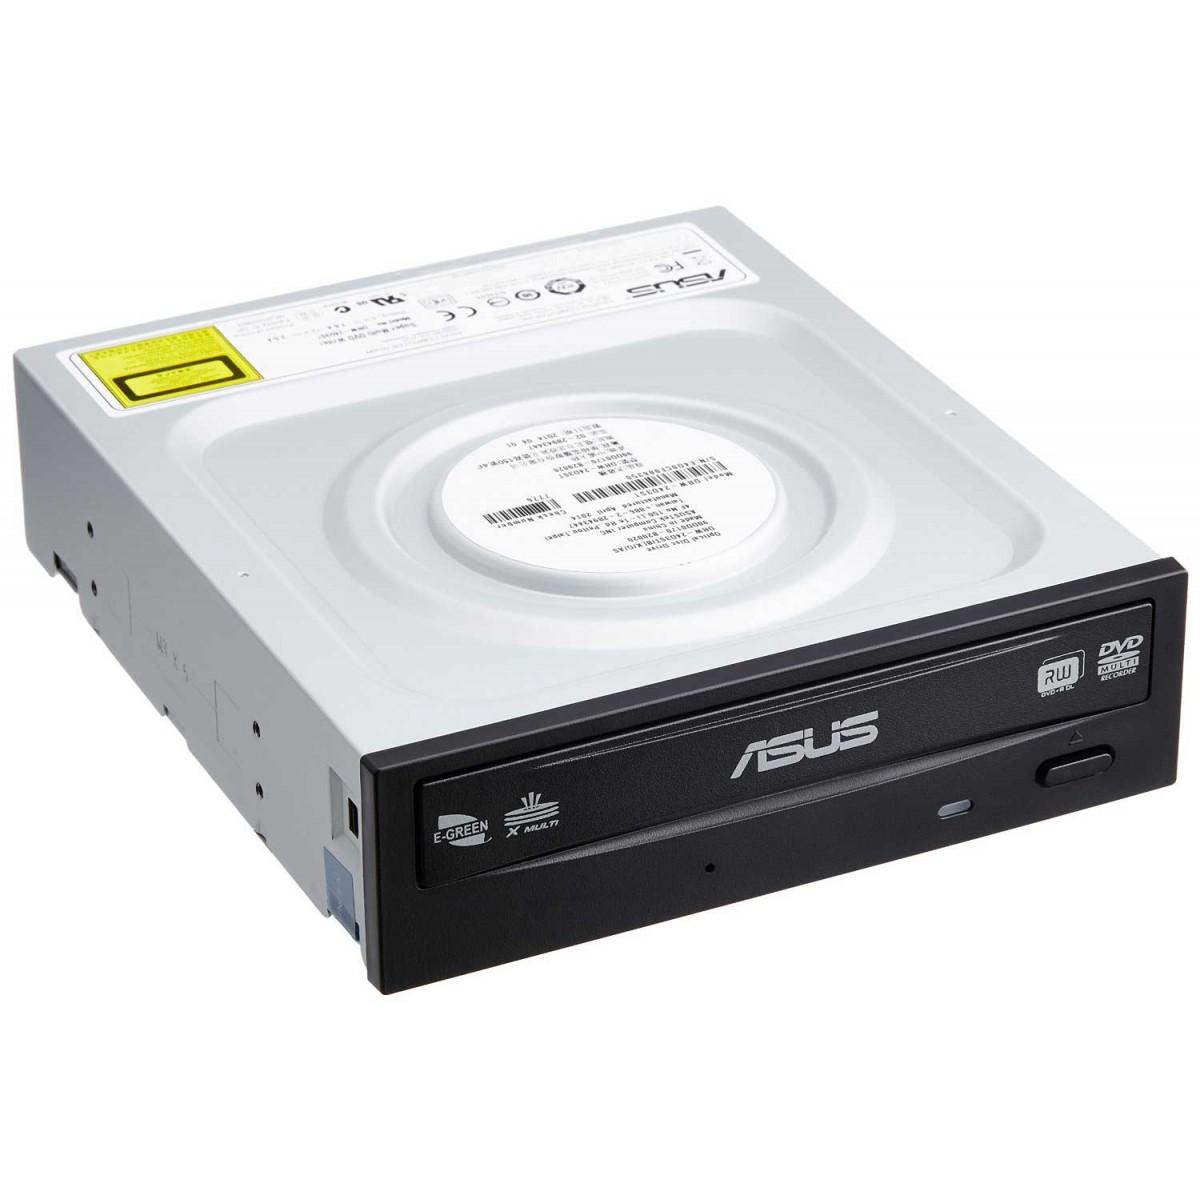 ASUS  Internal DVD Writer SATA 24X